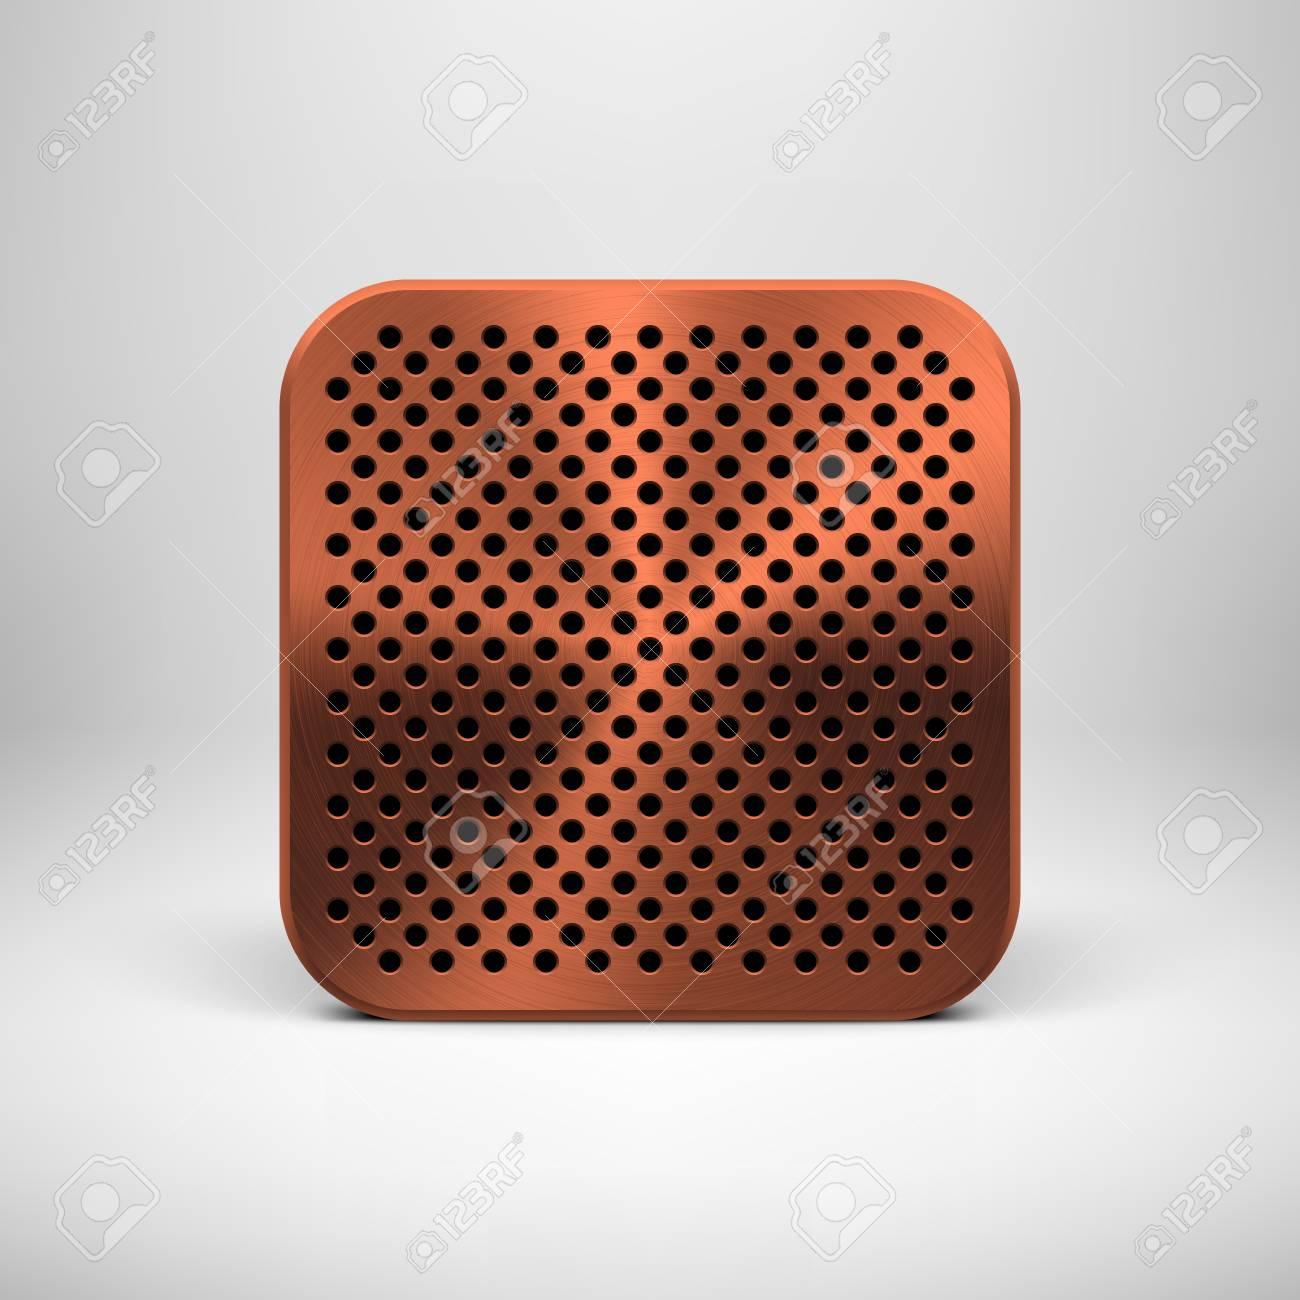 Technologie App-Symbol (Schaltfläche) Vorlage Mit Lochkreis ...